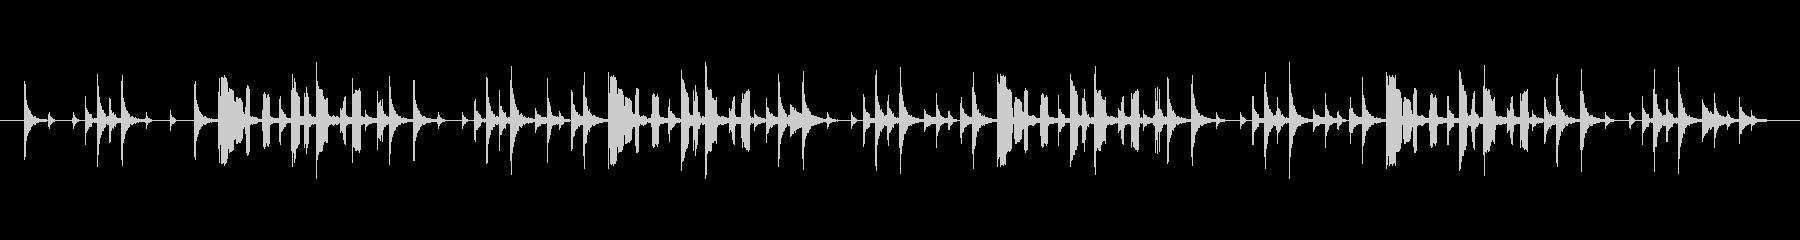 おバカキャラのBGMの未再生の波形